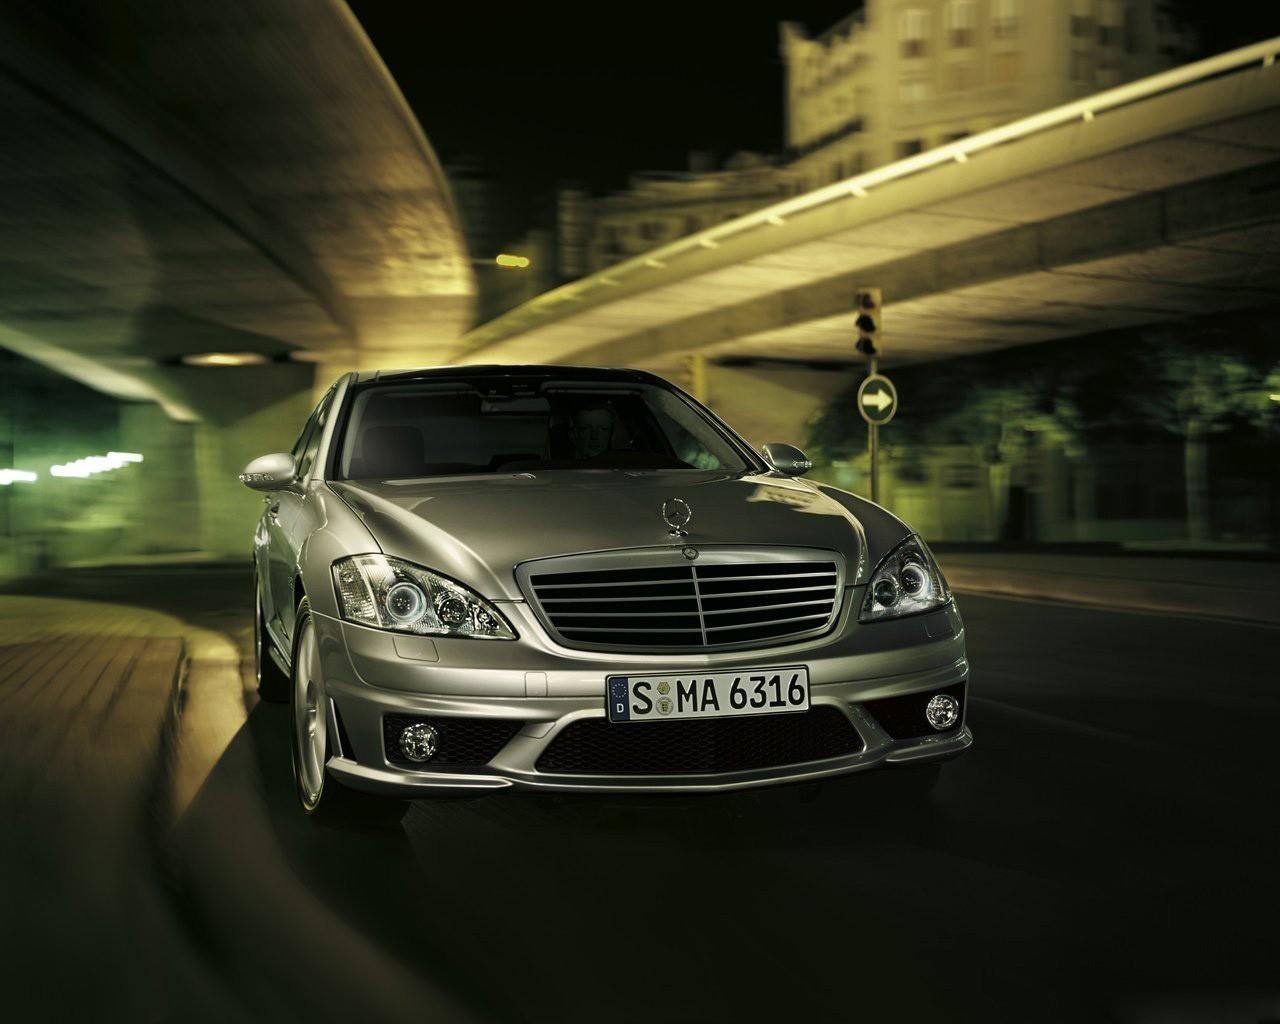 21887 скачать обои Транспорт, Машины, Мерседес (Mercedes) - заставки и картинки бесплатно